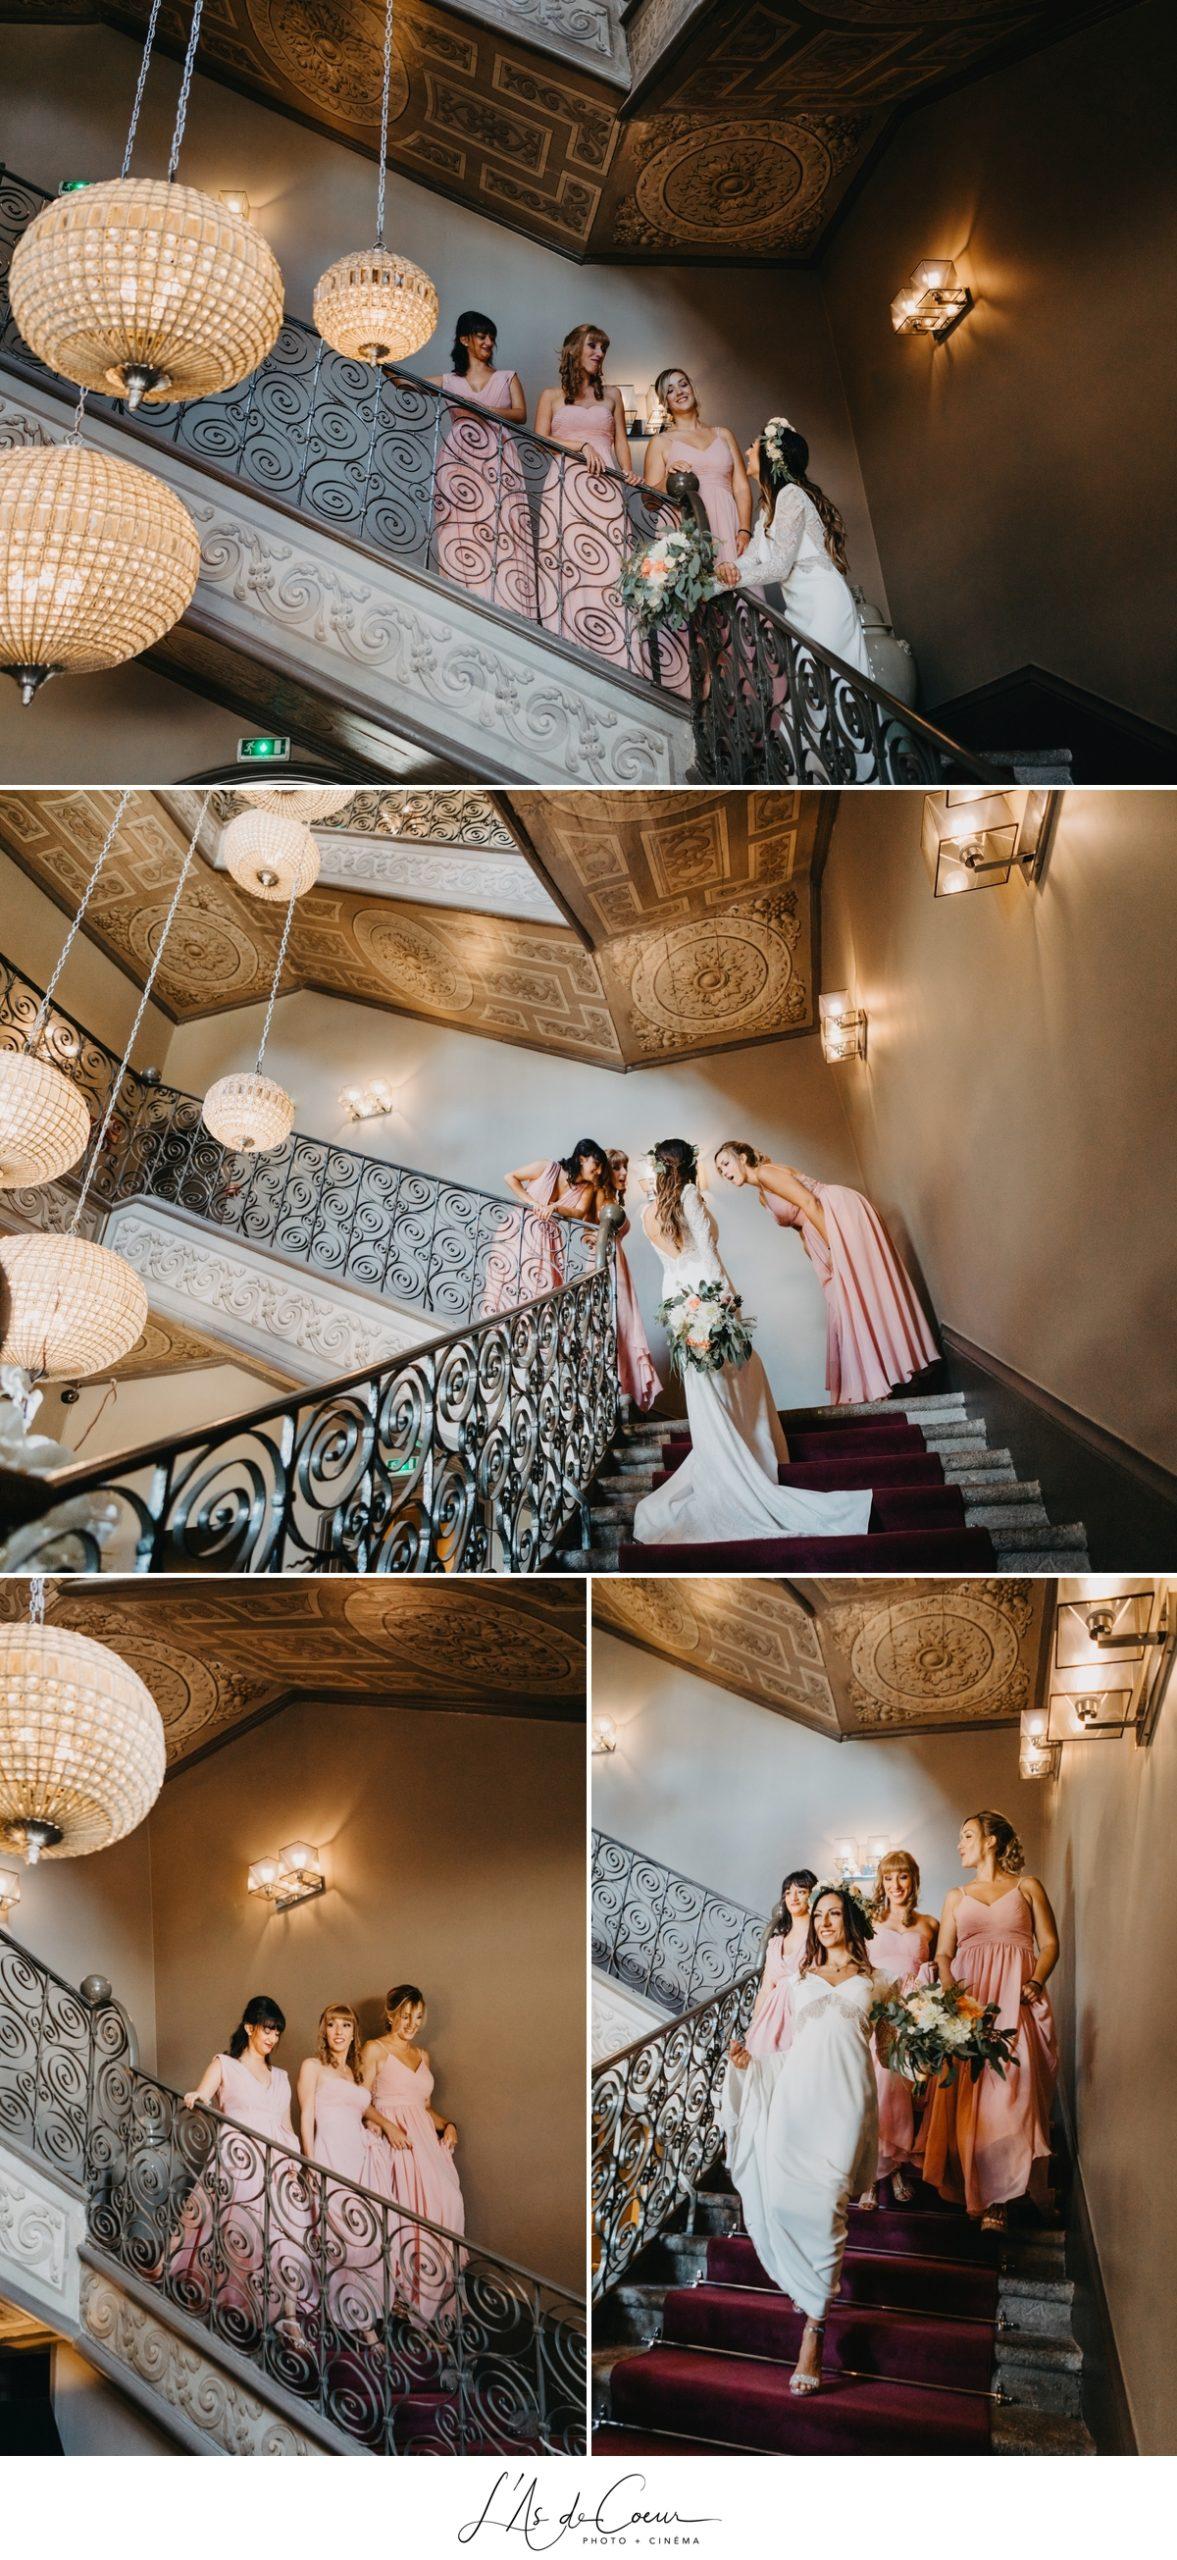 préparatifs mariée et demoiselles d'honneur bohème chic photographe Mariage Lyon Maison d'Anthouard ©lasdecoeur